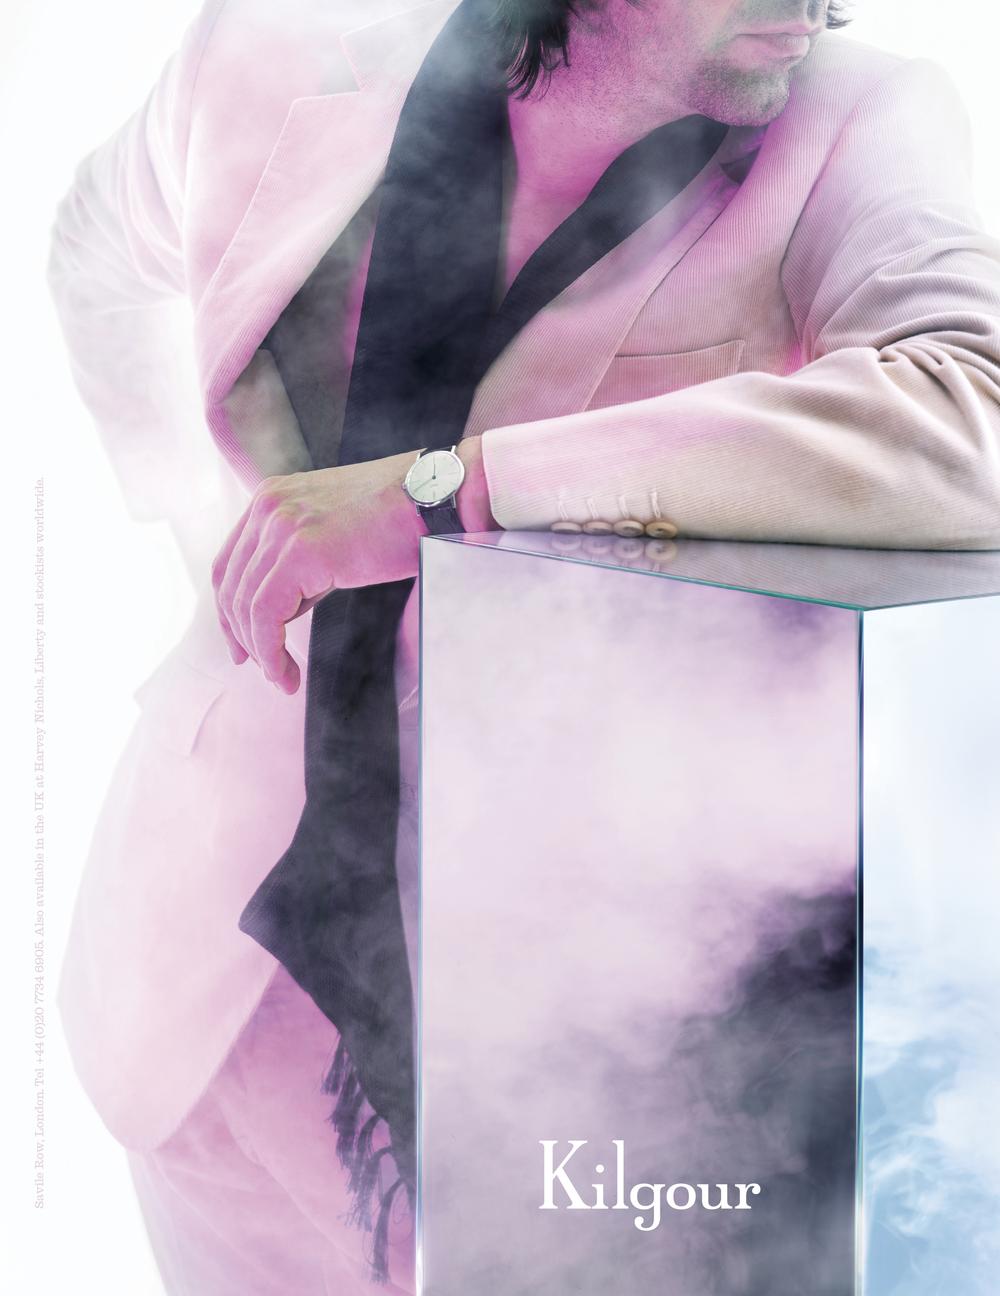 Kilgour pink.jpeg